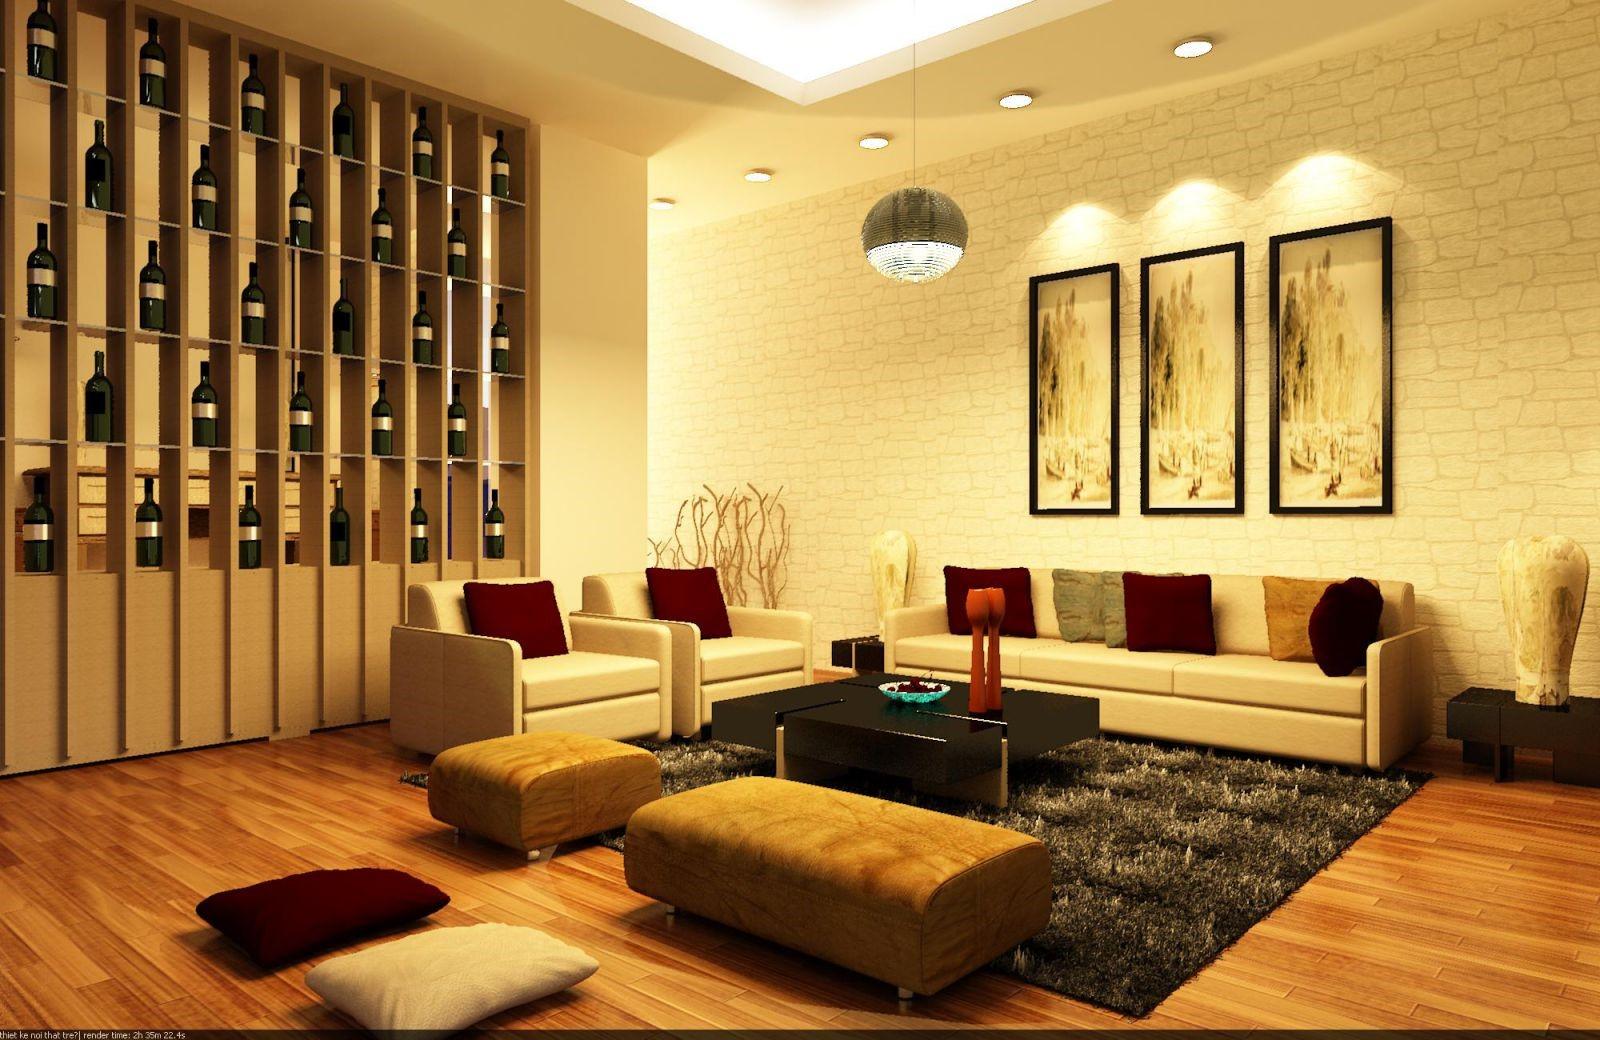 Xu hướng thiết kế nội thất HOT nhất 2020